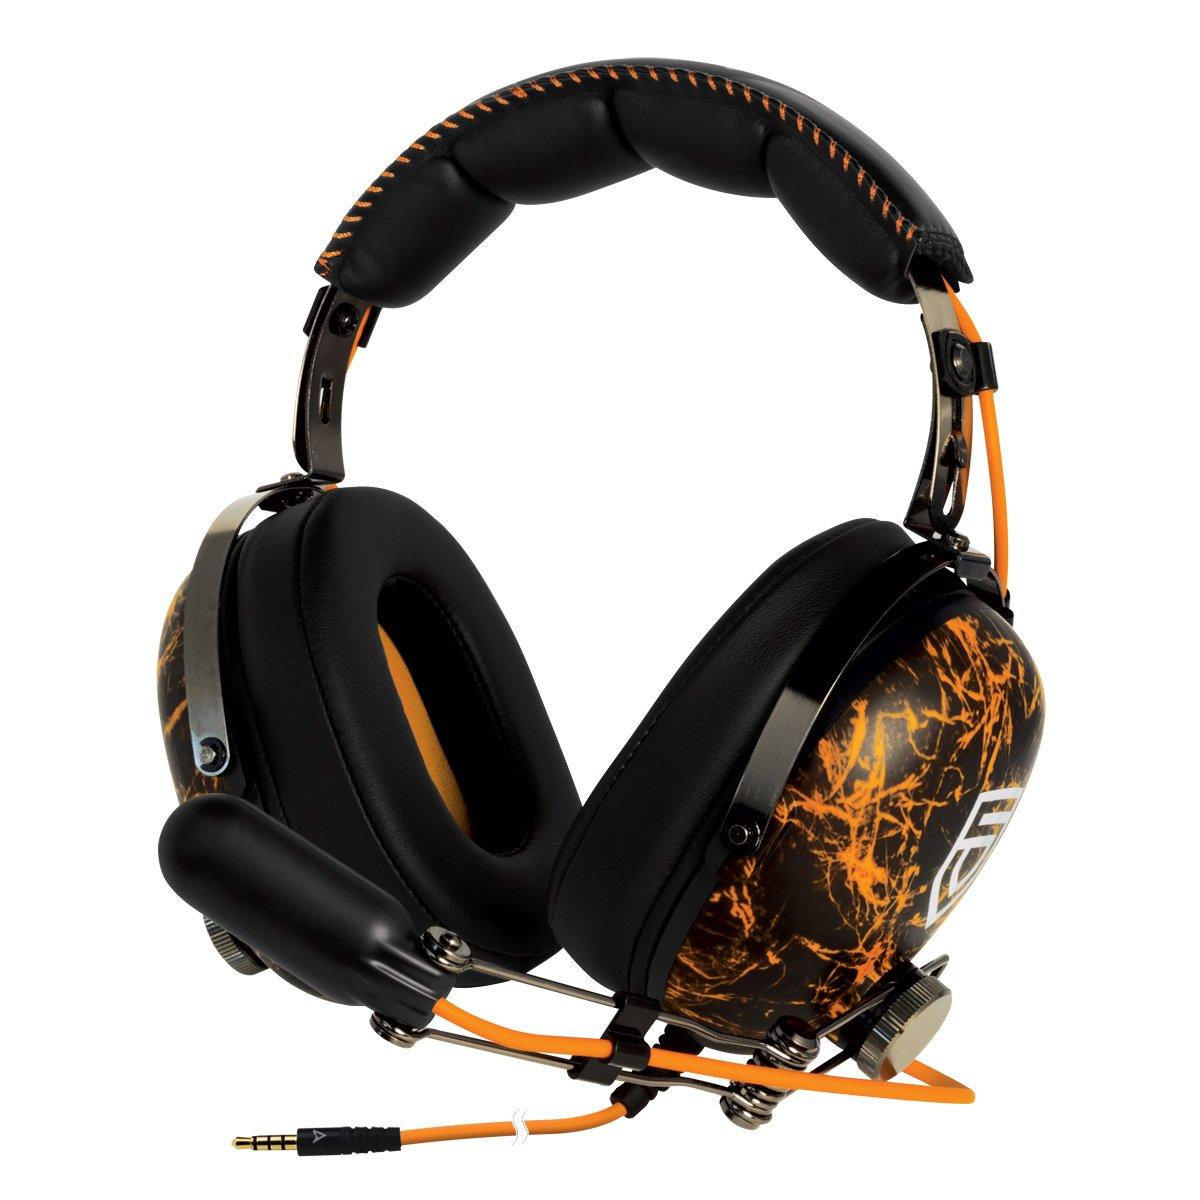 Arctic P533 Racing - Casque PC Noir et Rouge - Accessoire pour jeu - Microphone intégré - Basses fortes et aigus nets - Etanchéité sonore excellente